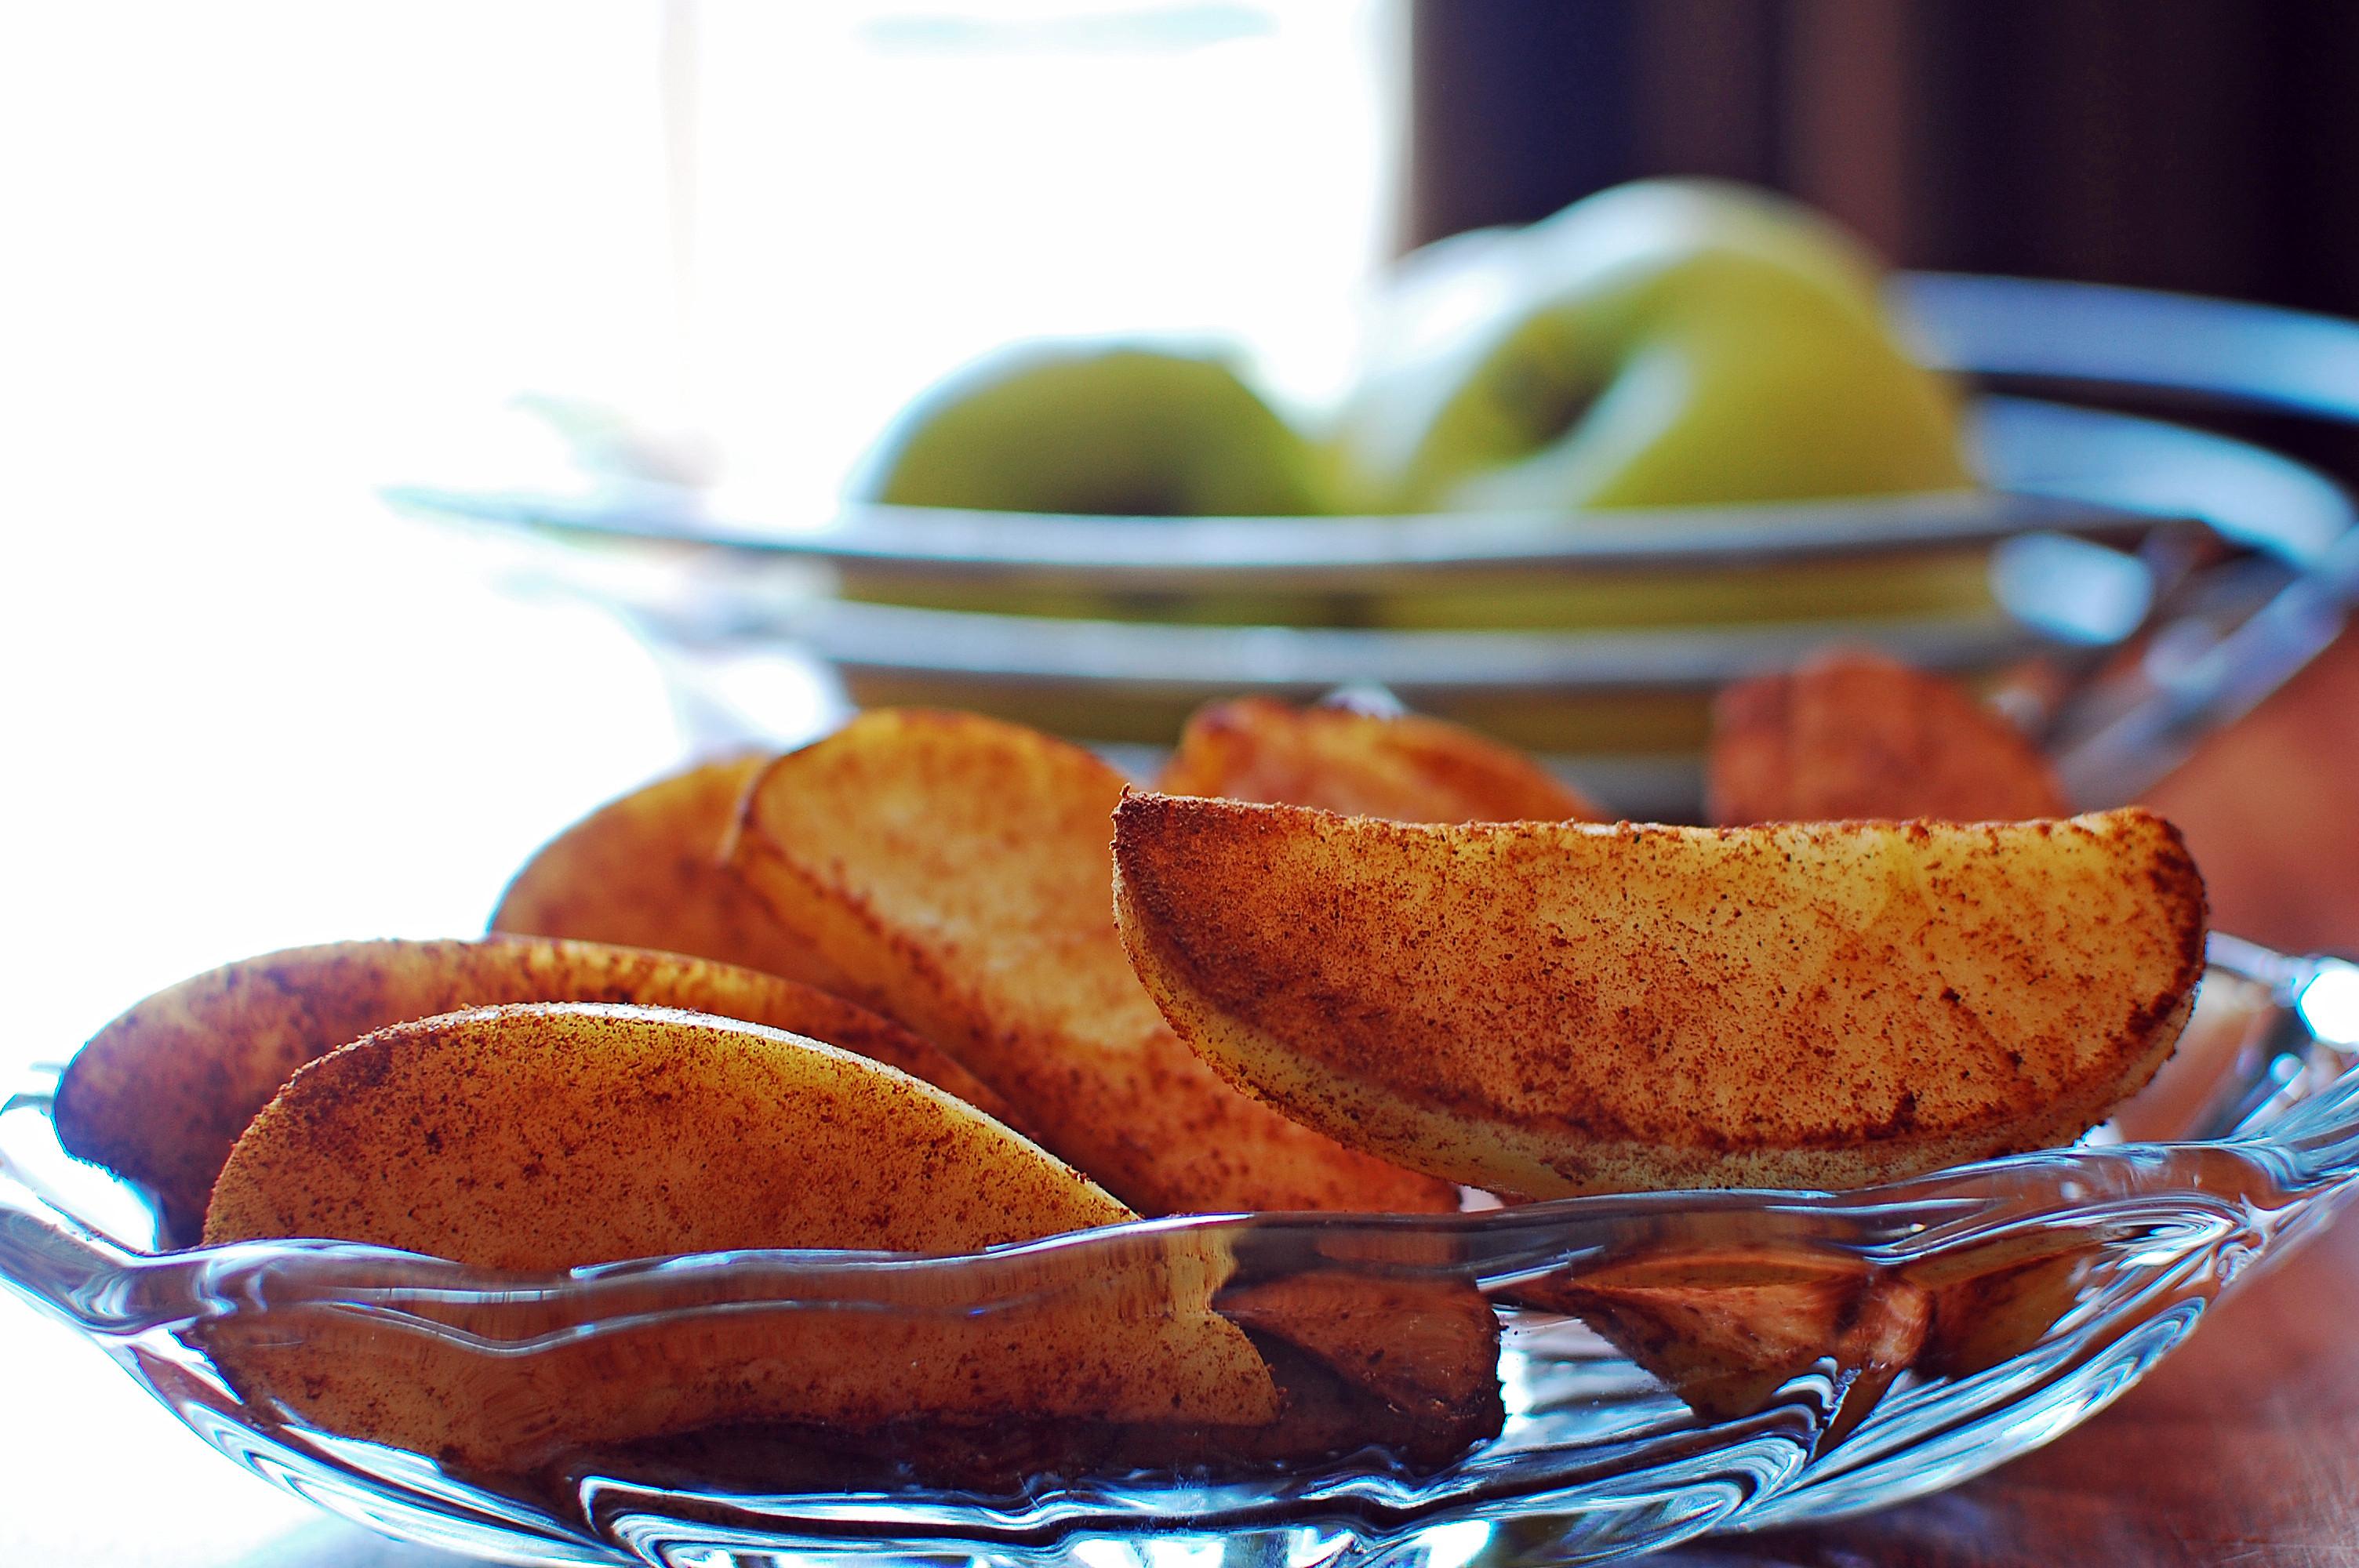 Healthy Apple Snacks  Cinnamon Apple Smacks Recipe Healthy Snack in a Flash